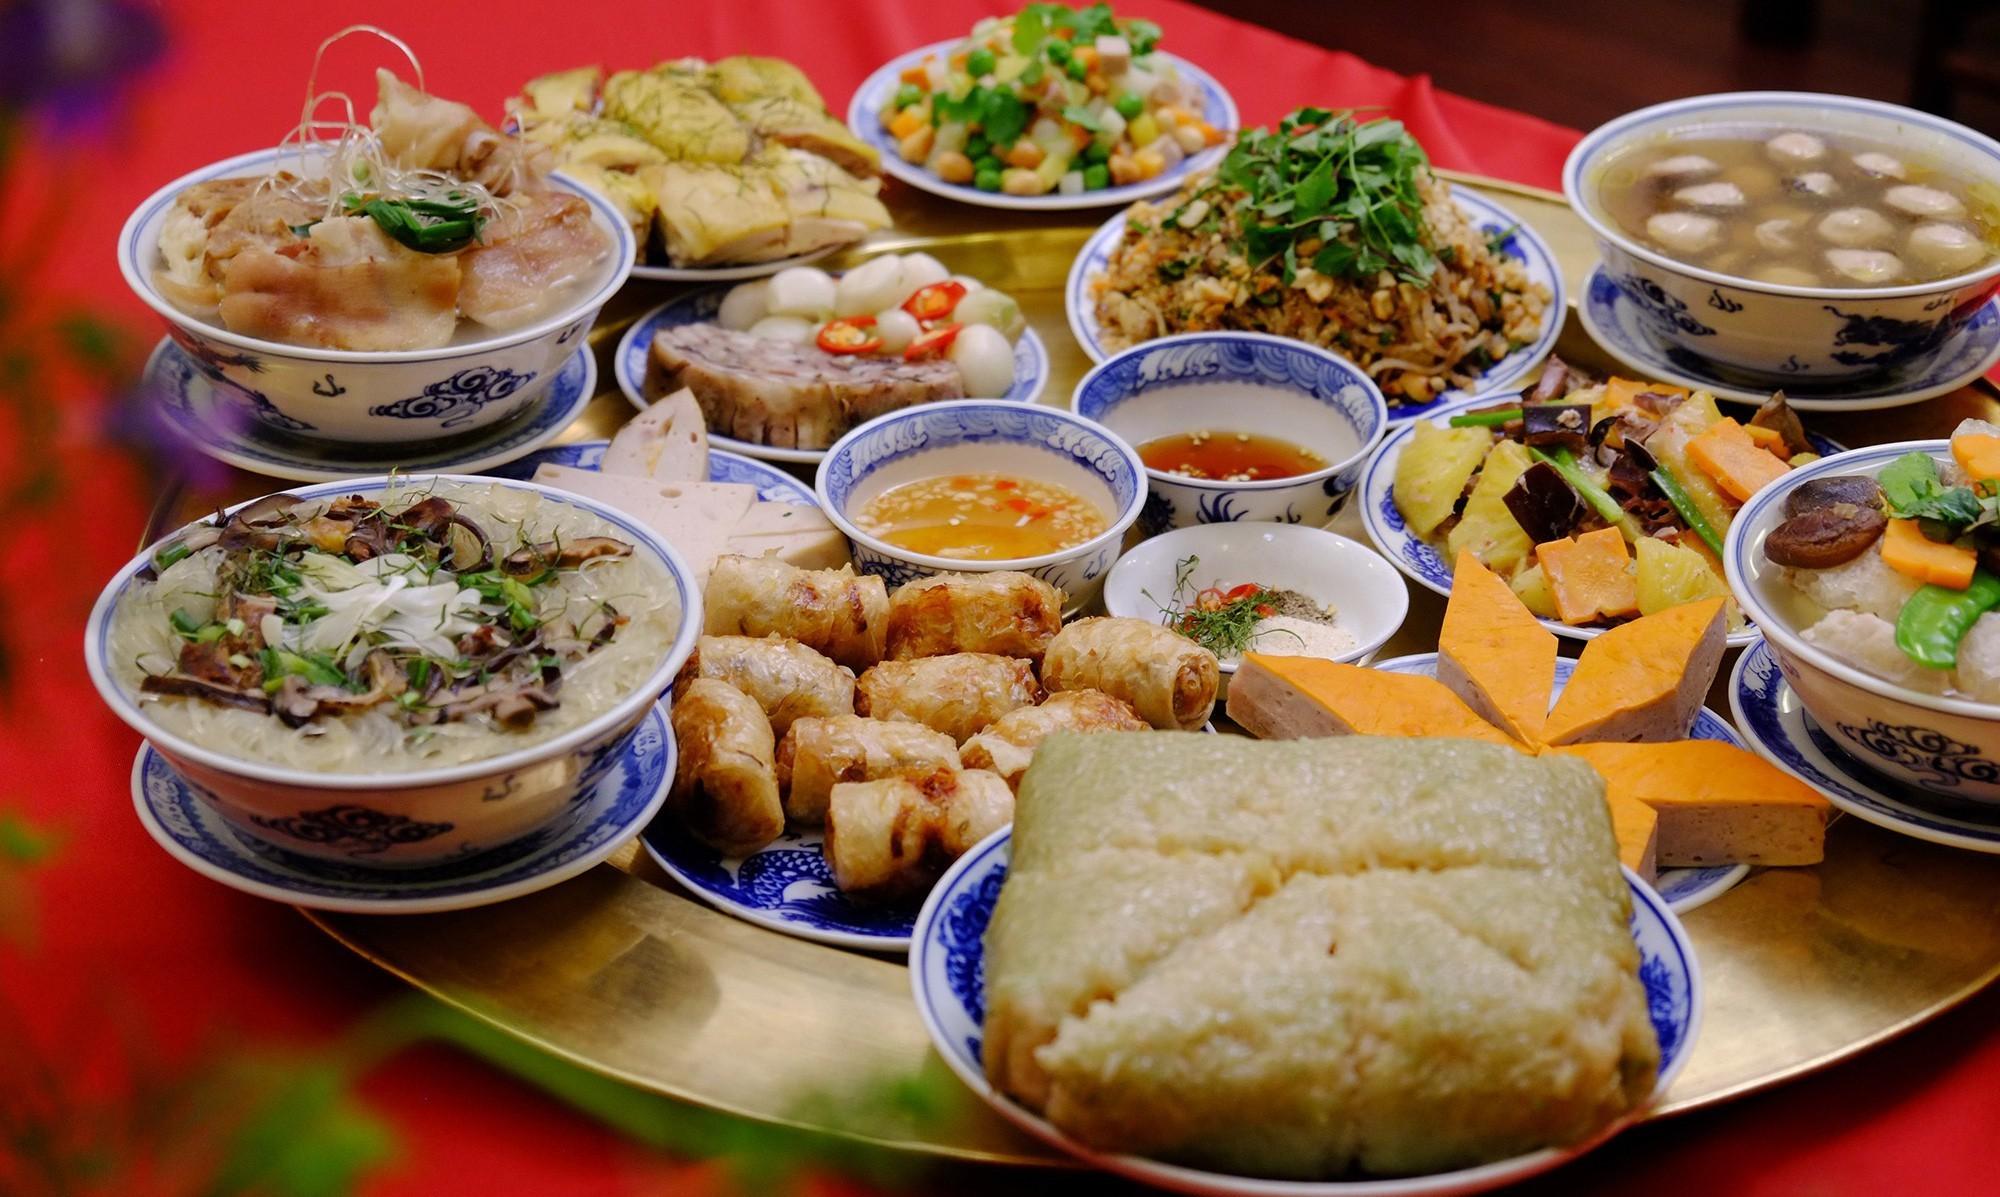 A full meal of Vietnamese Tet cuisine